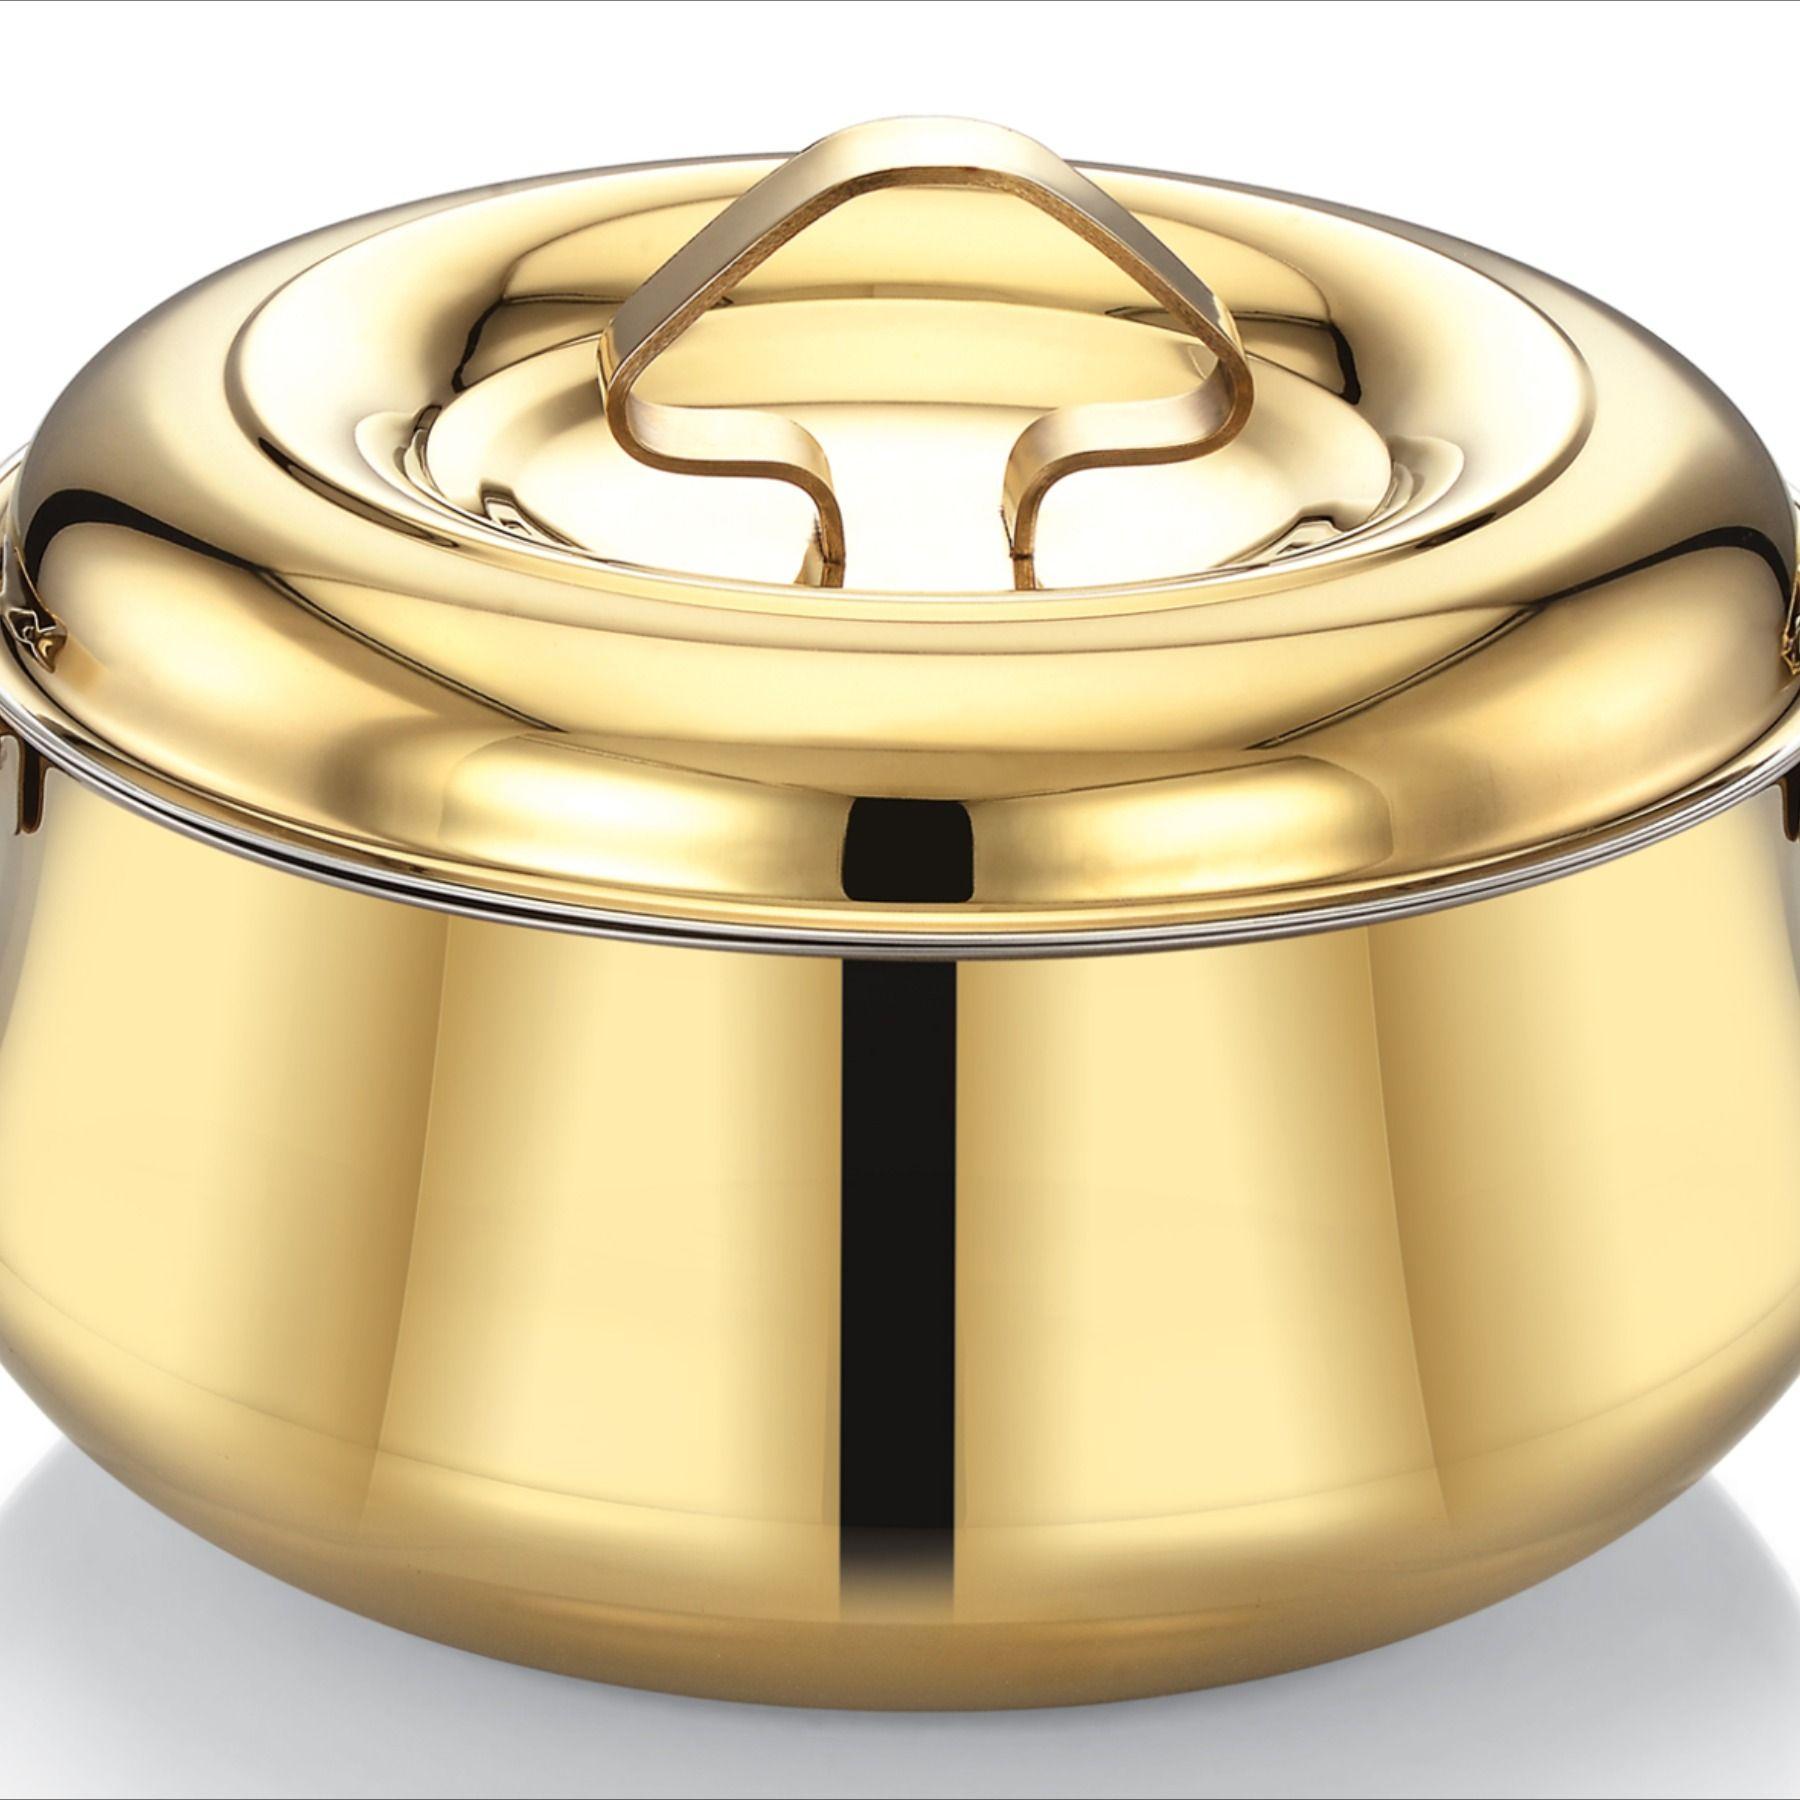 Pin By Anchor On Anchor Tableware Bowl Garden Pots